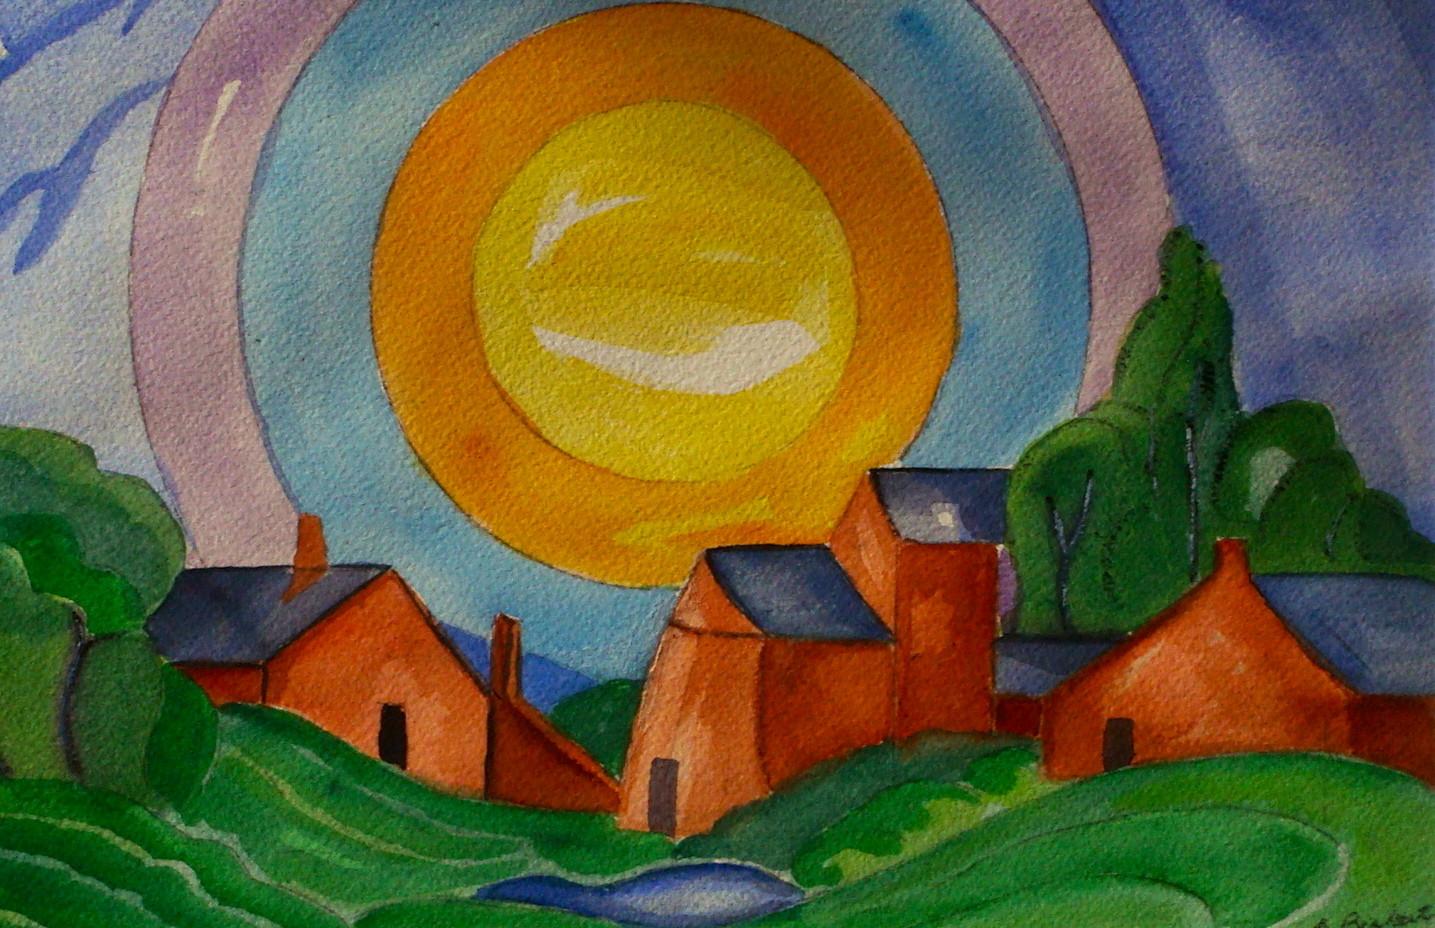 El Sol, watercolor, 11.5 x 7.5, 2013